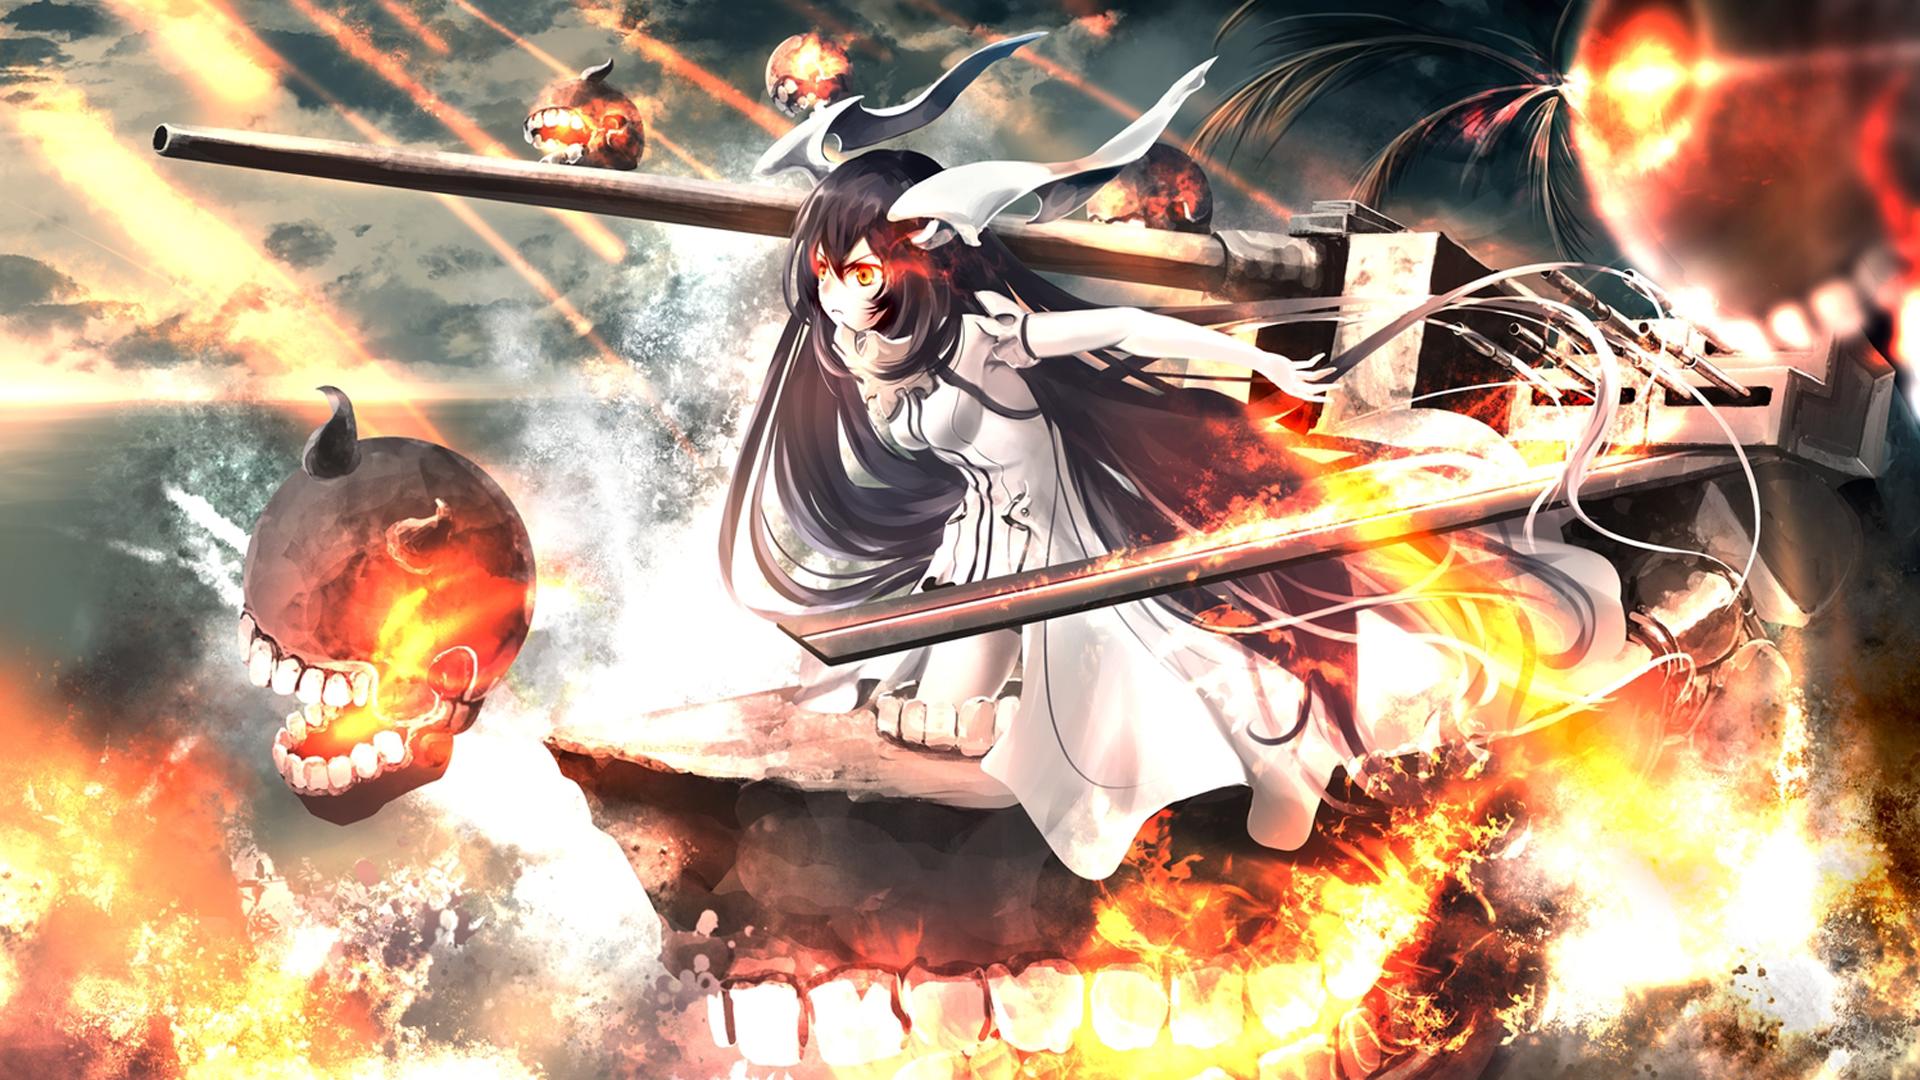 Anime - Kantai Collection  Anchorage Demon (Kancolle) Wallpaper